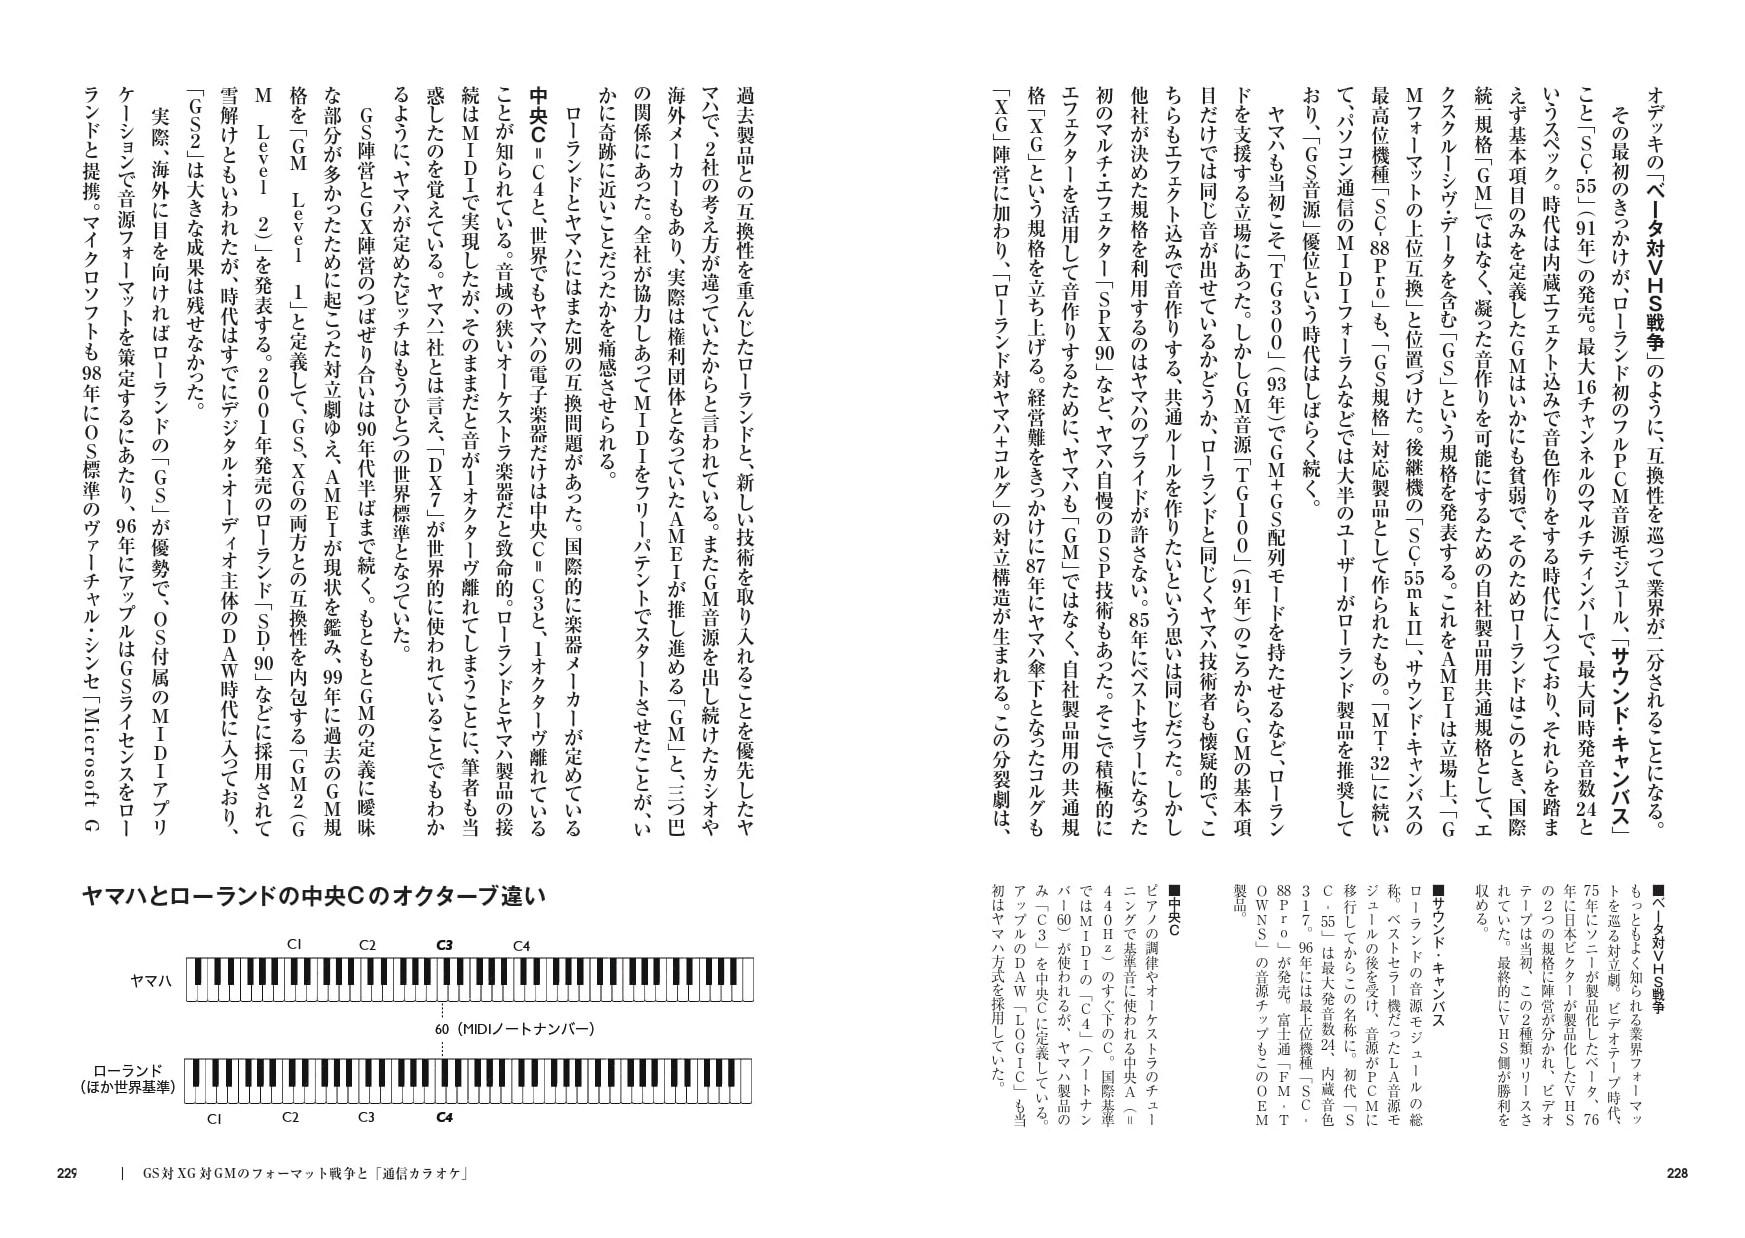 田中雄二 - TR-808<ヤオヤ>を作った神々 ──菊本忠男との対話──電子音楽 in JAPAN外伝 : BOOK gallery 4